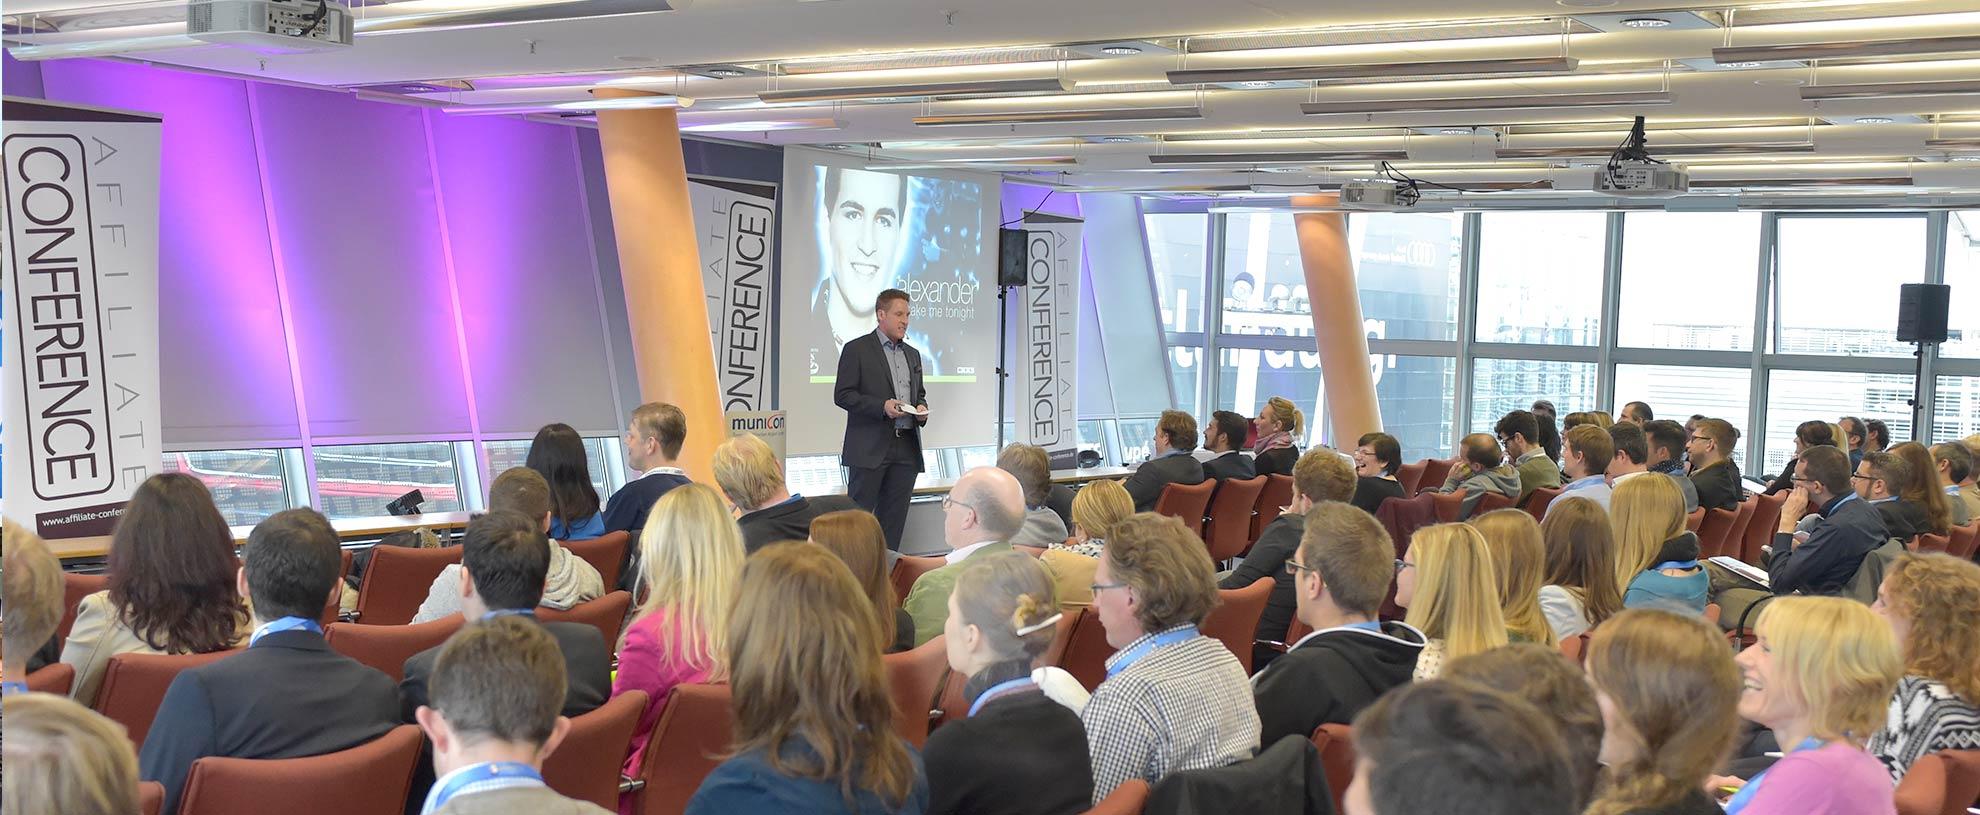 slide-conference